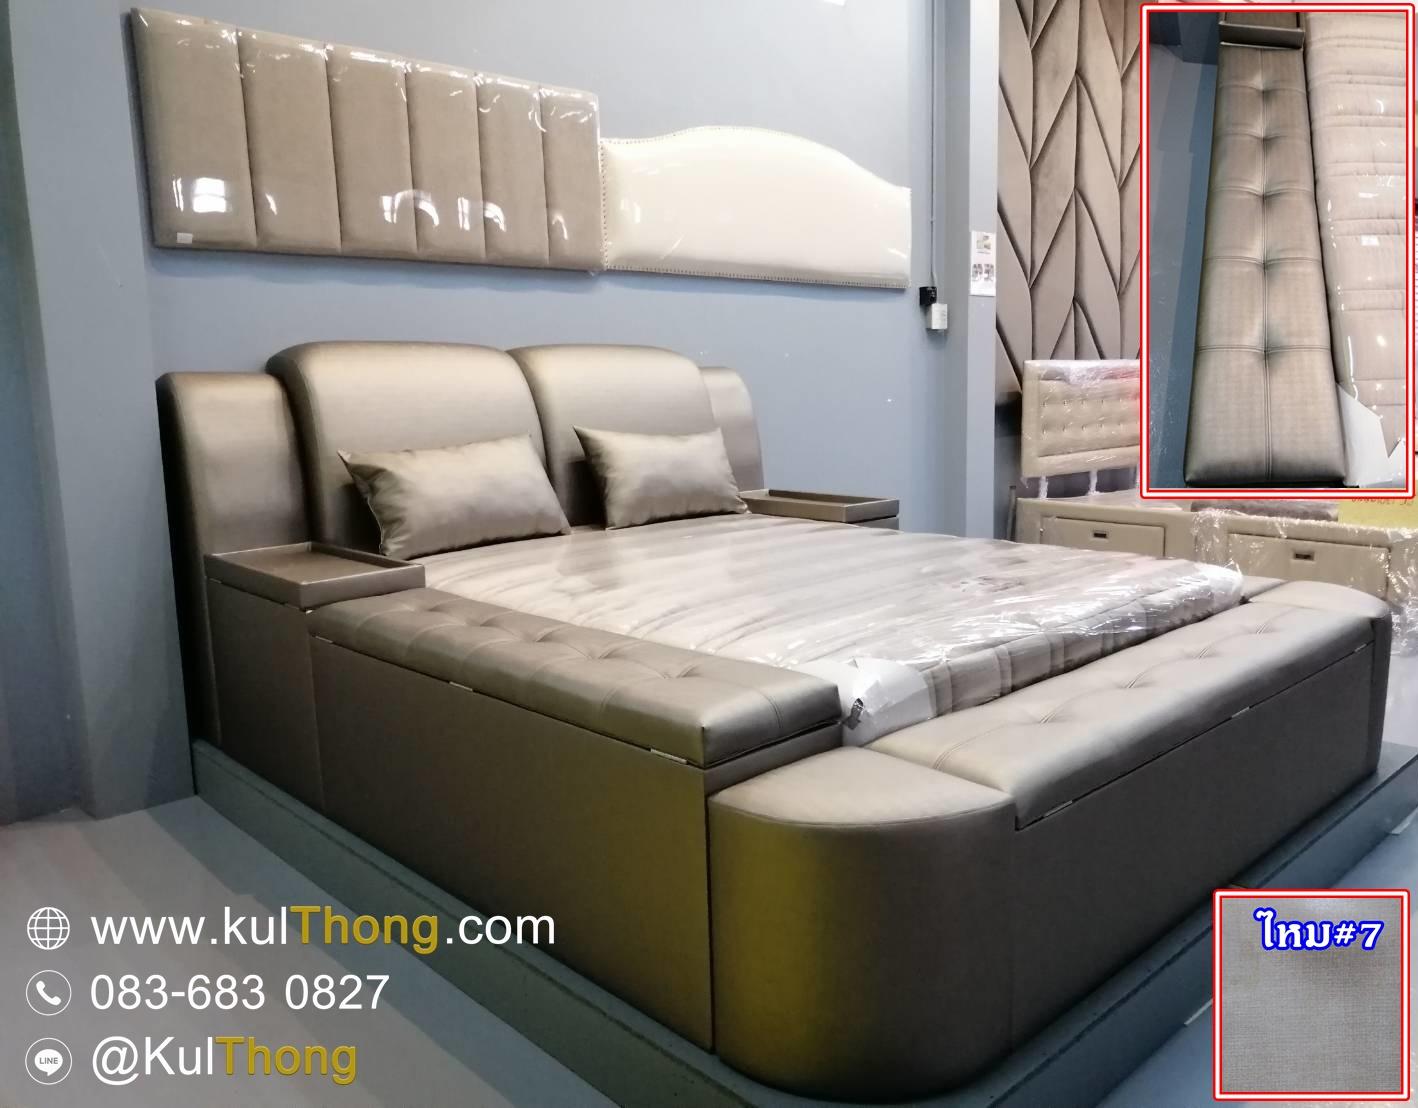 เตียงกล่อง เตียงเก็บของ เตียงขนาดใหญ่